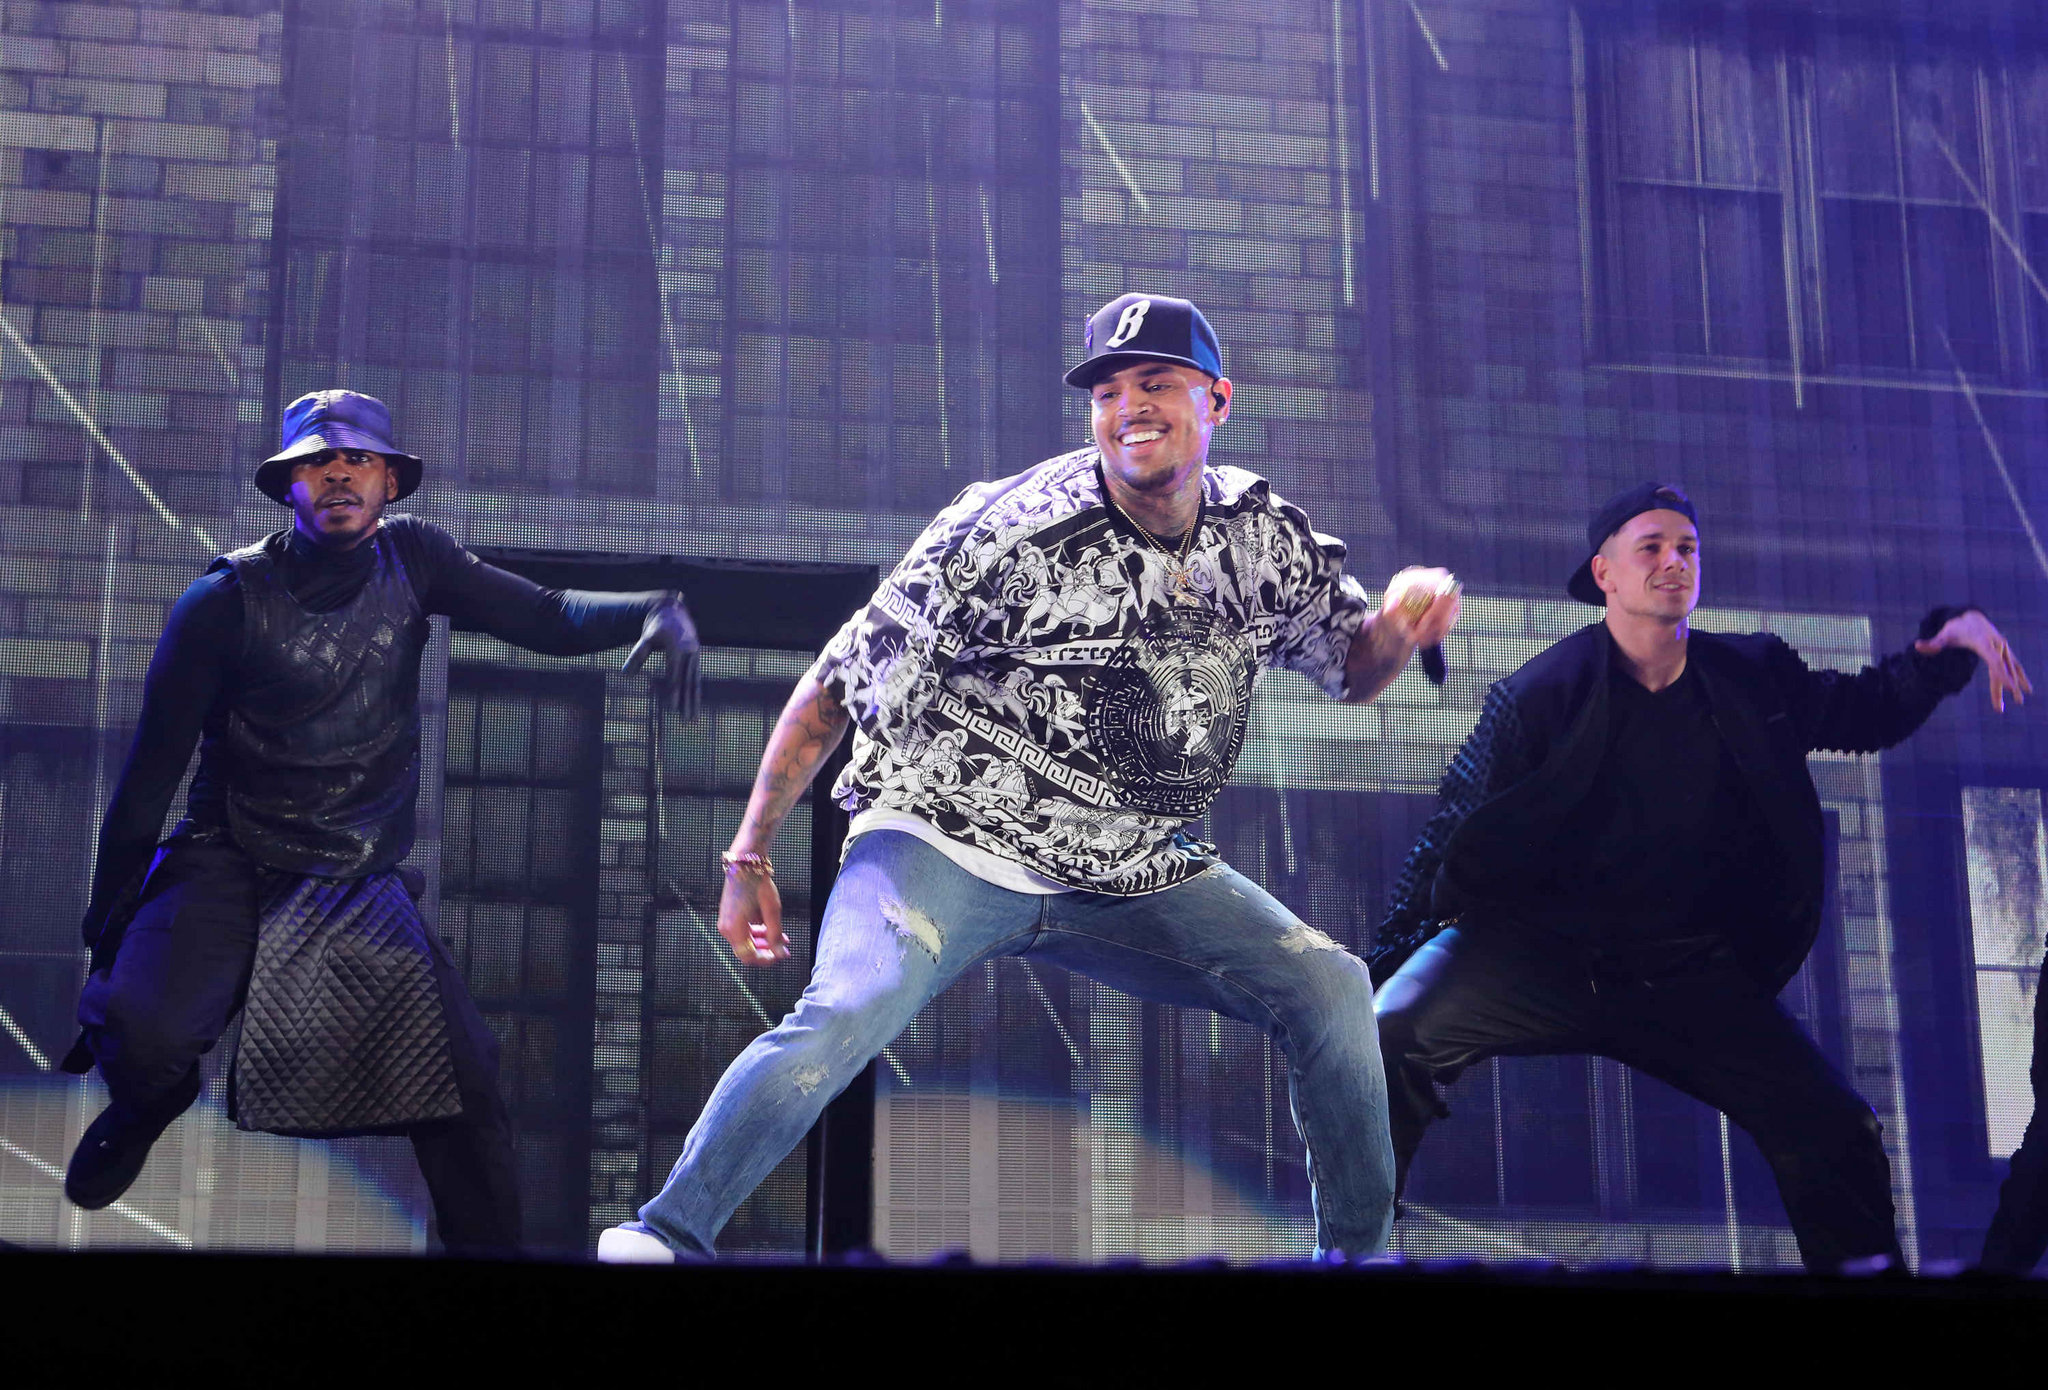 Chris Brown, Christopher Maurice Brown